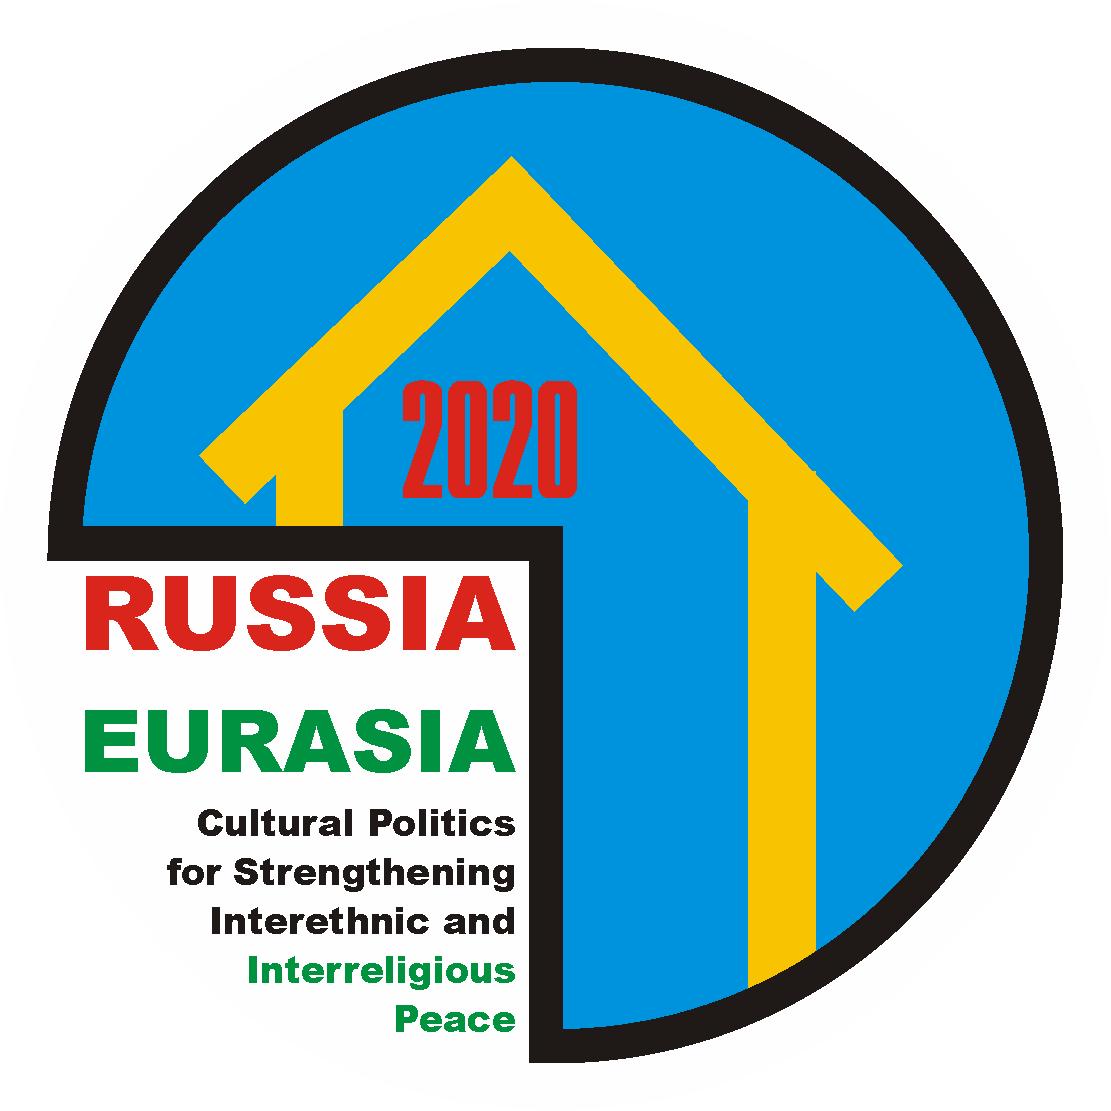 Russia – Eurasia